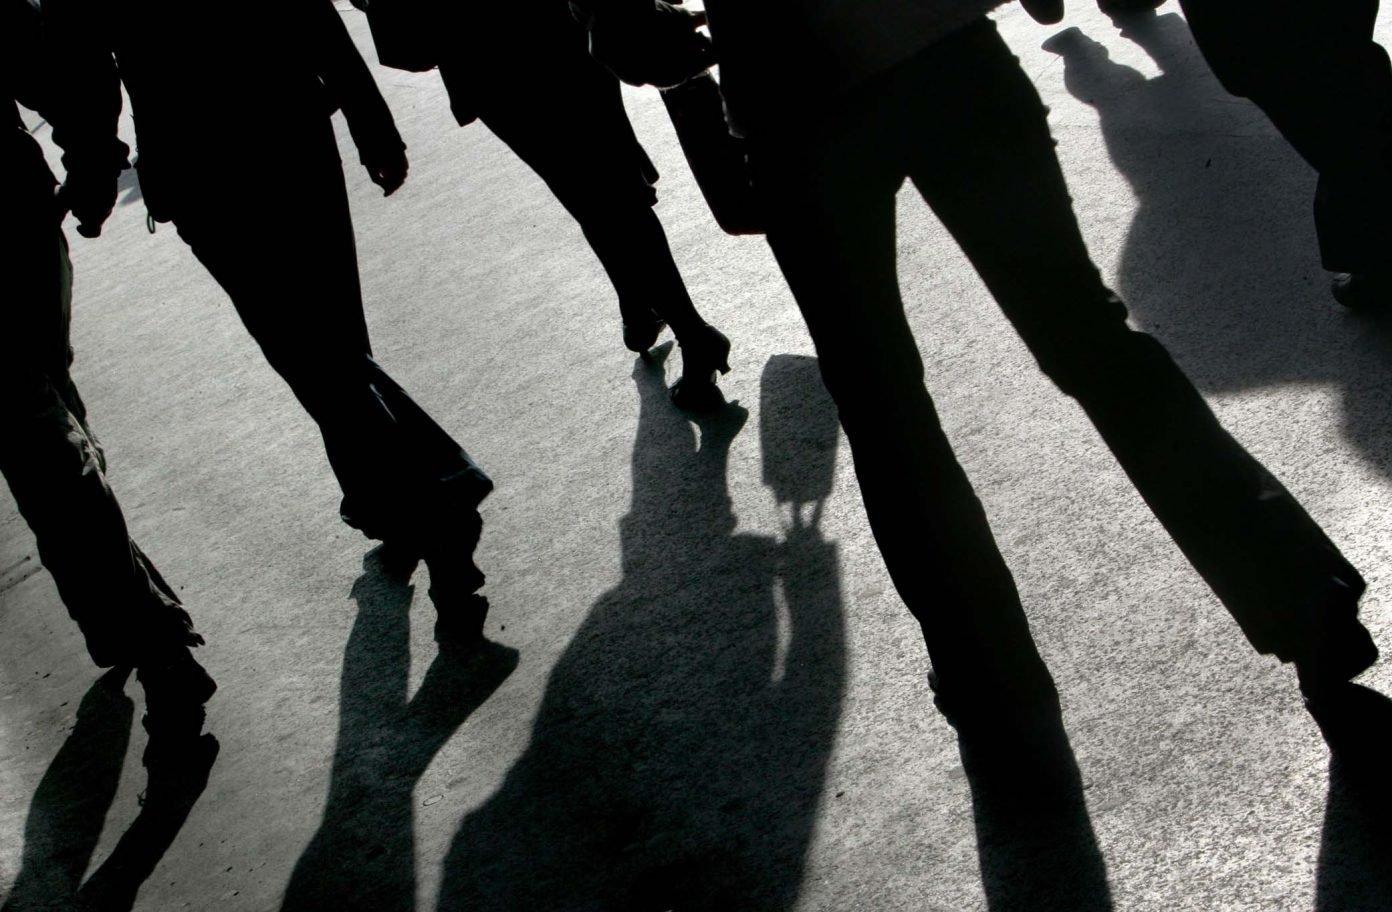 Senatul a respins proiectul care interzicea serviciilor secrete să racoleze magistrați